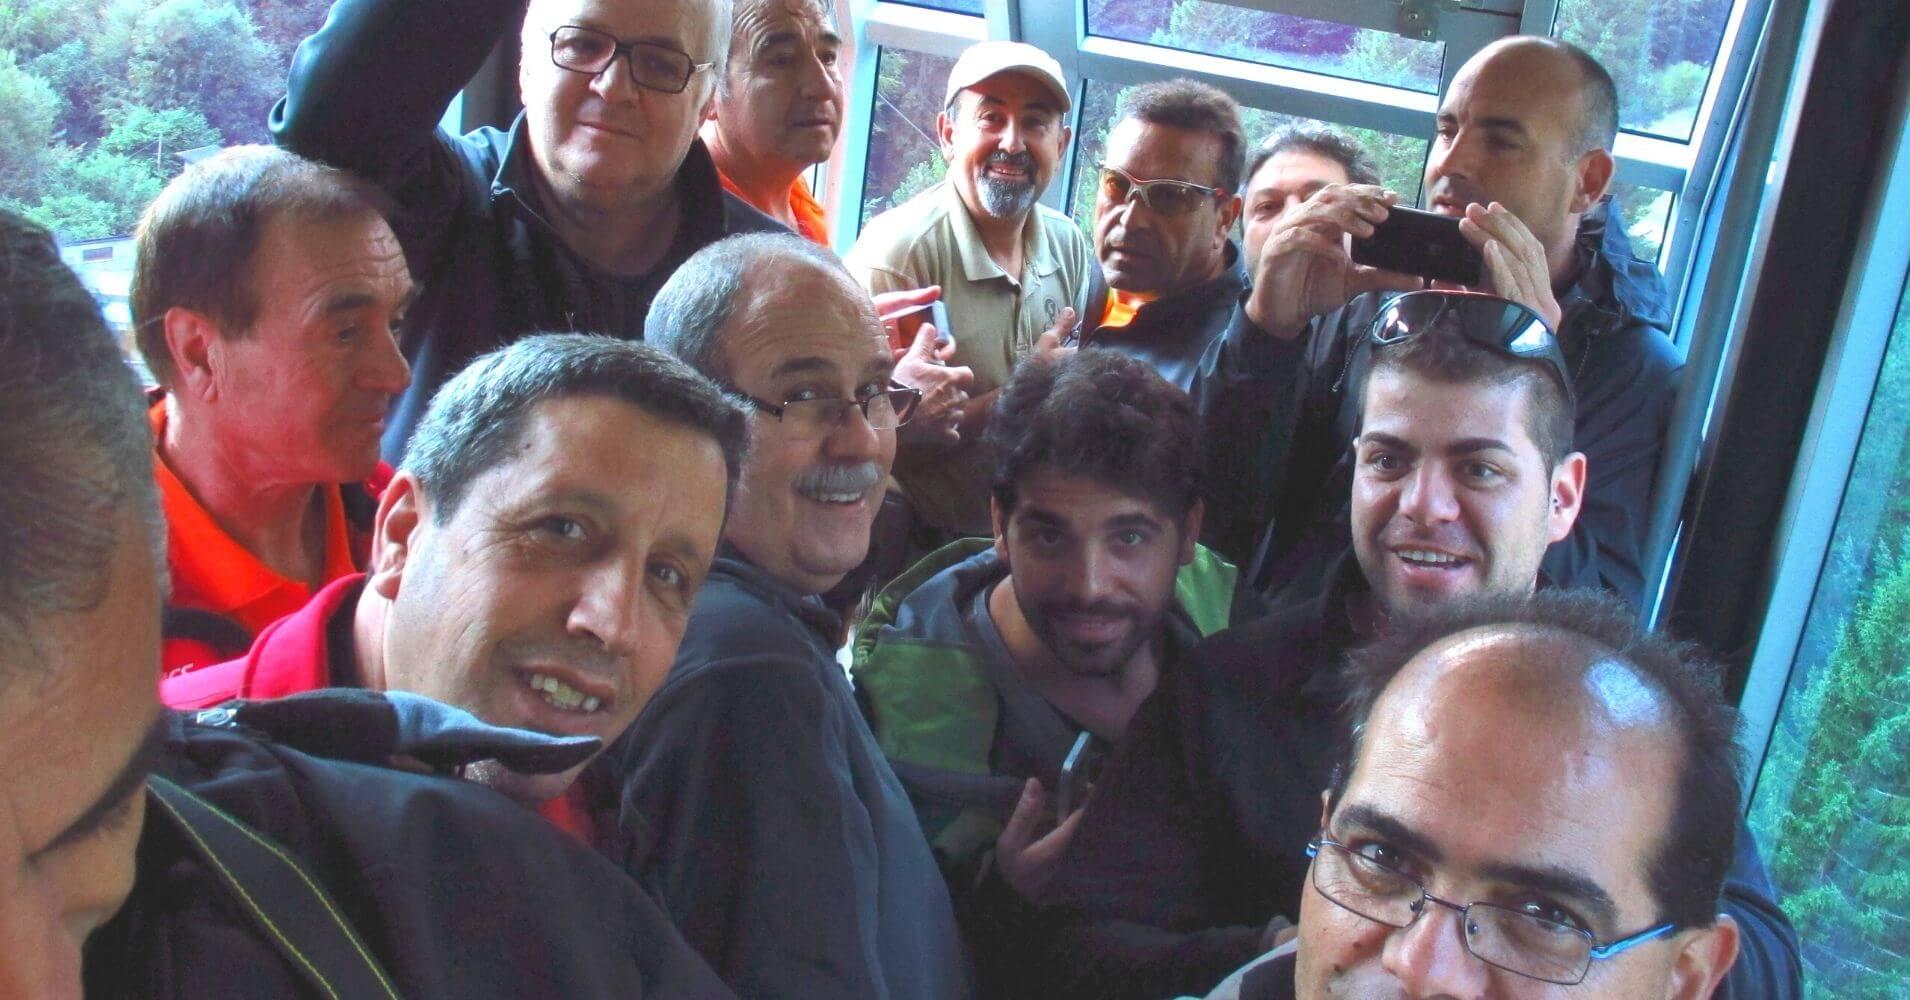 Subida Teleférico de Fuente Dé. Cantabria.